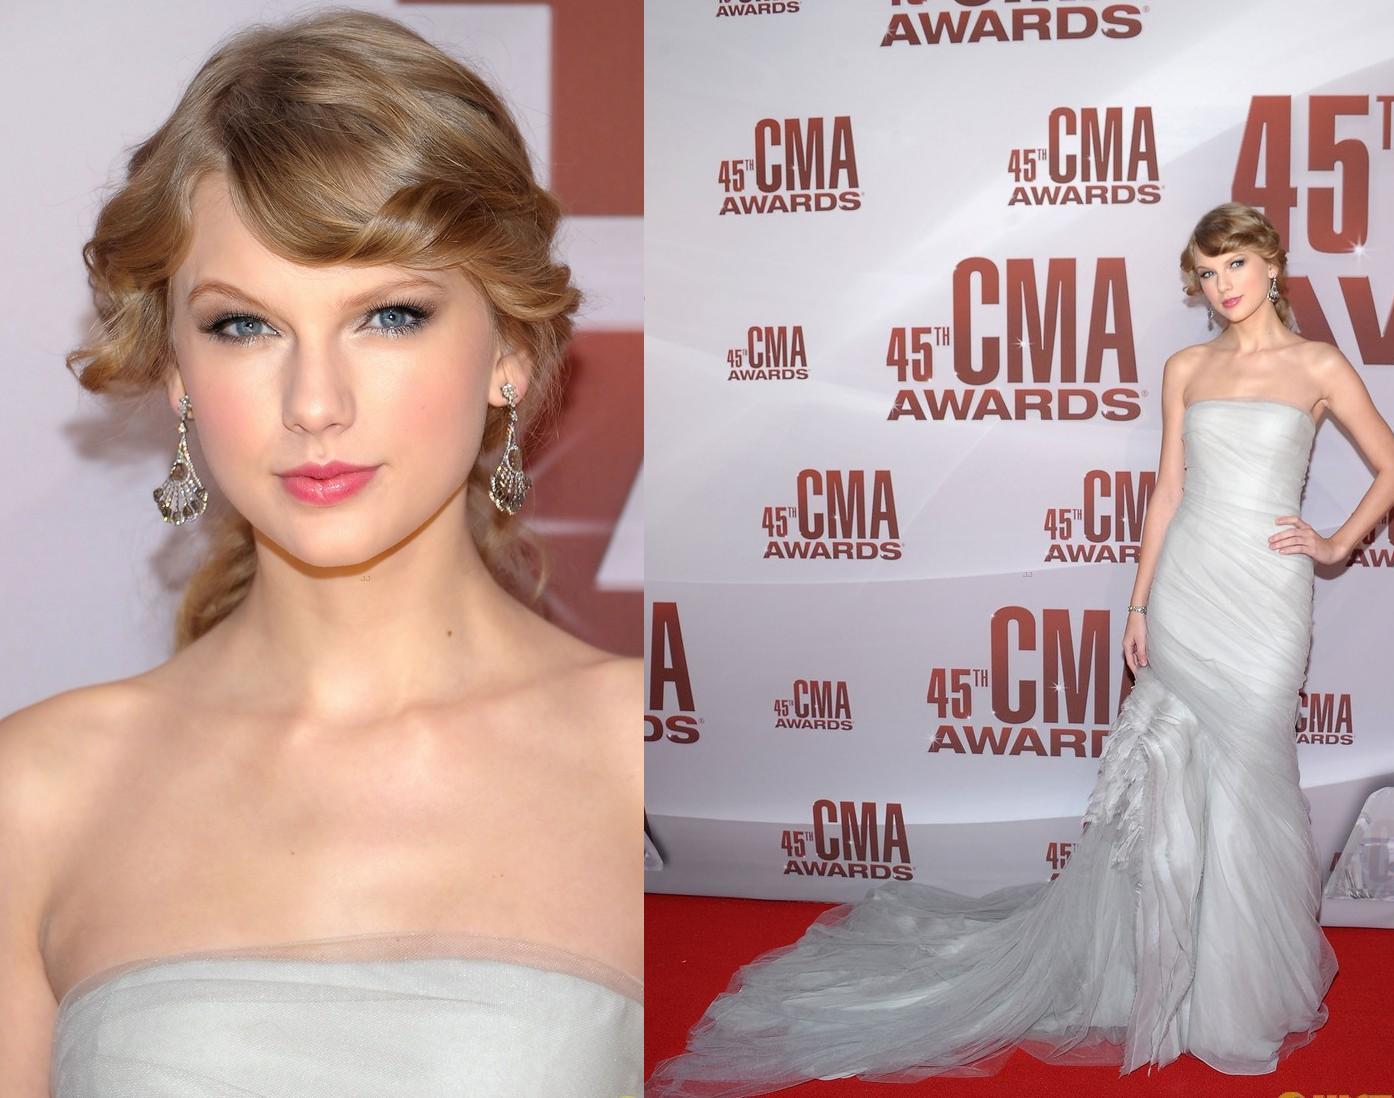 http://2.bp.blogspot.com/-jBE9x68Mv9A/Trw9zFu7XZI/AAAAAAAACjE/rd1BN0AuHfs/s1600/taylor-swift-cma-awards-2011-02.jpg